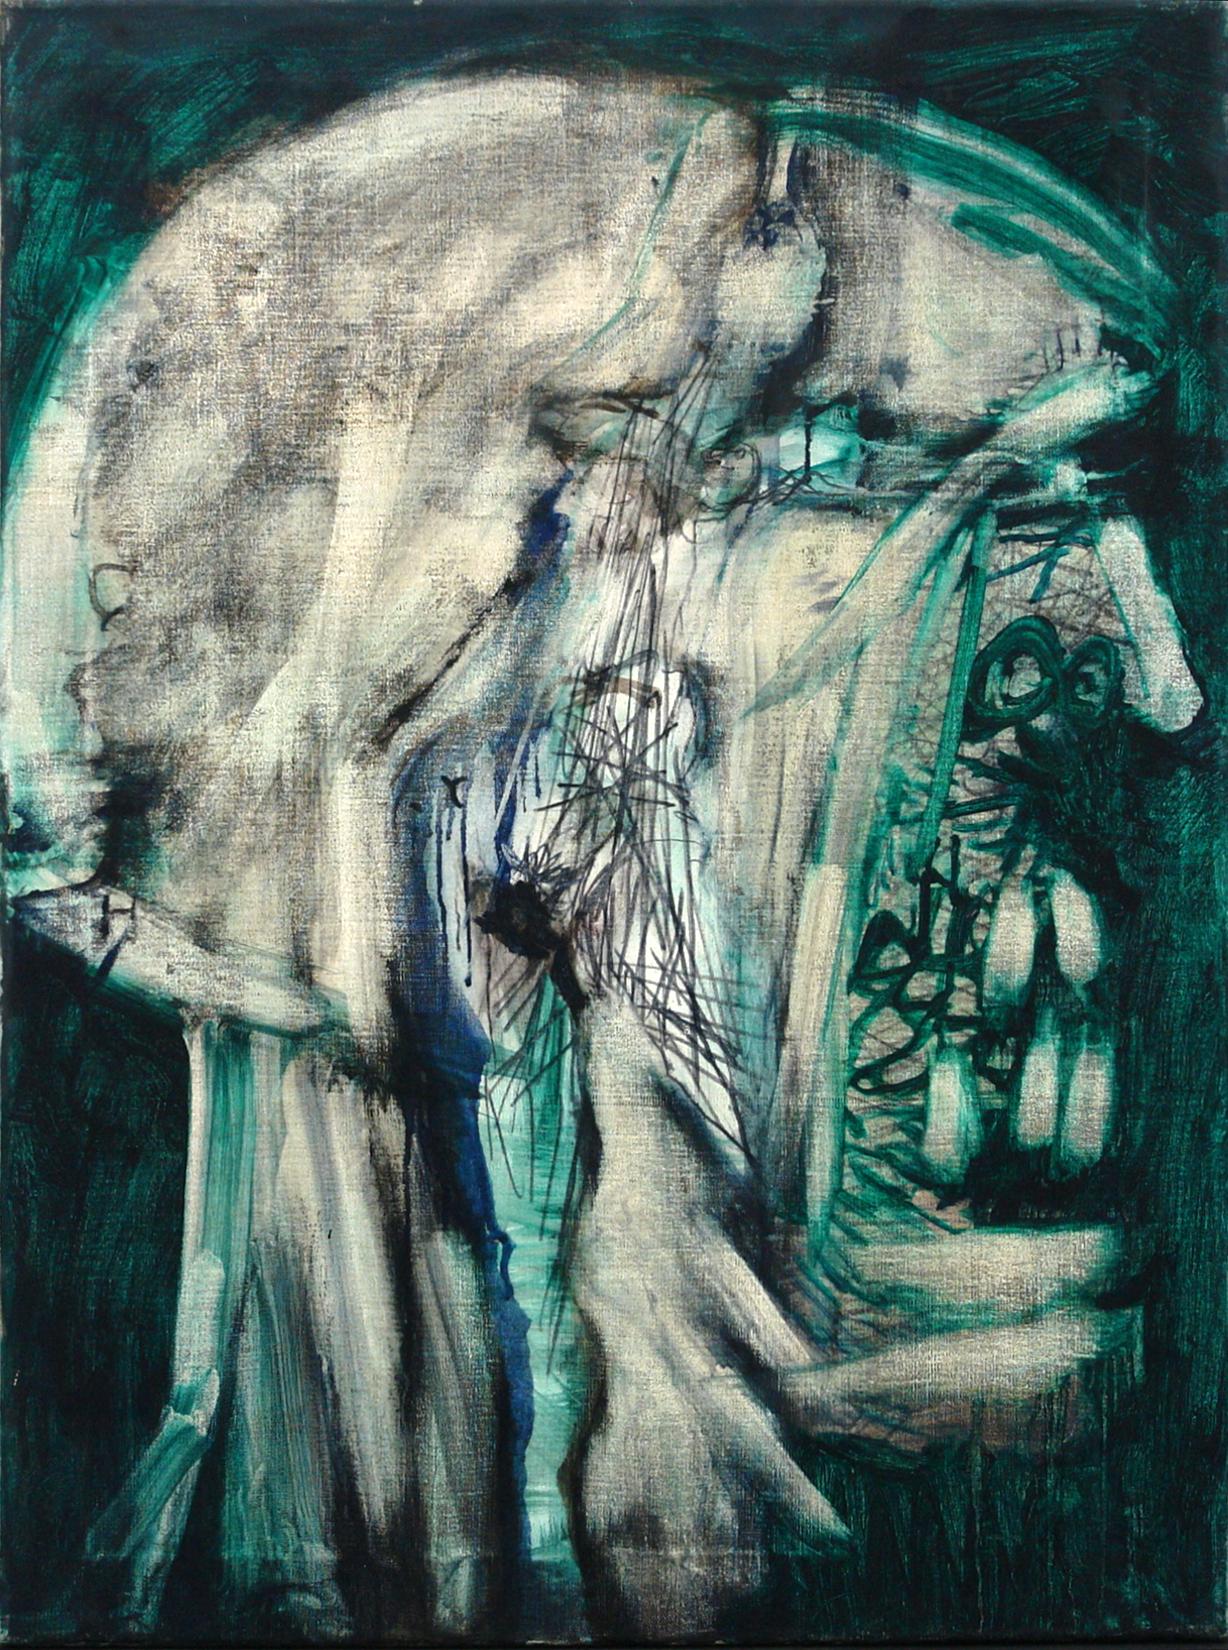 George Lampe - Trois Portraits de la Schizophrénie (Hommes) No. 2 (Three Portraits of Schizophrenia (Males) #2) - GL194